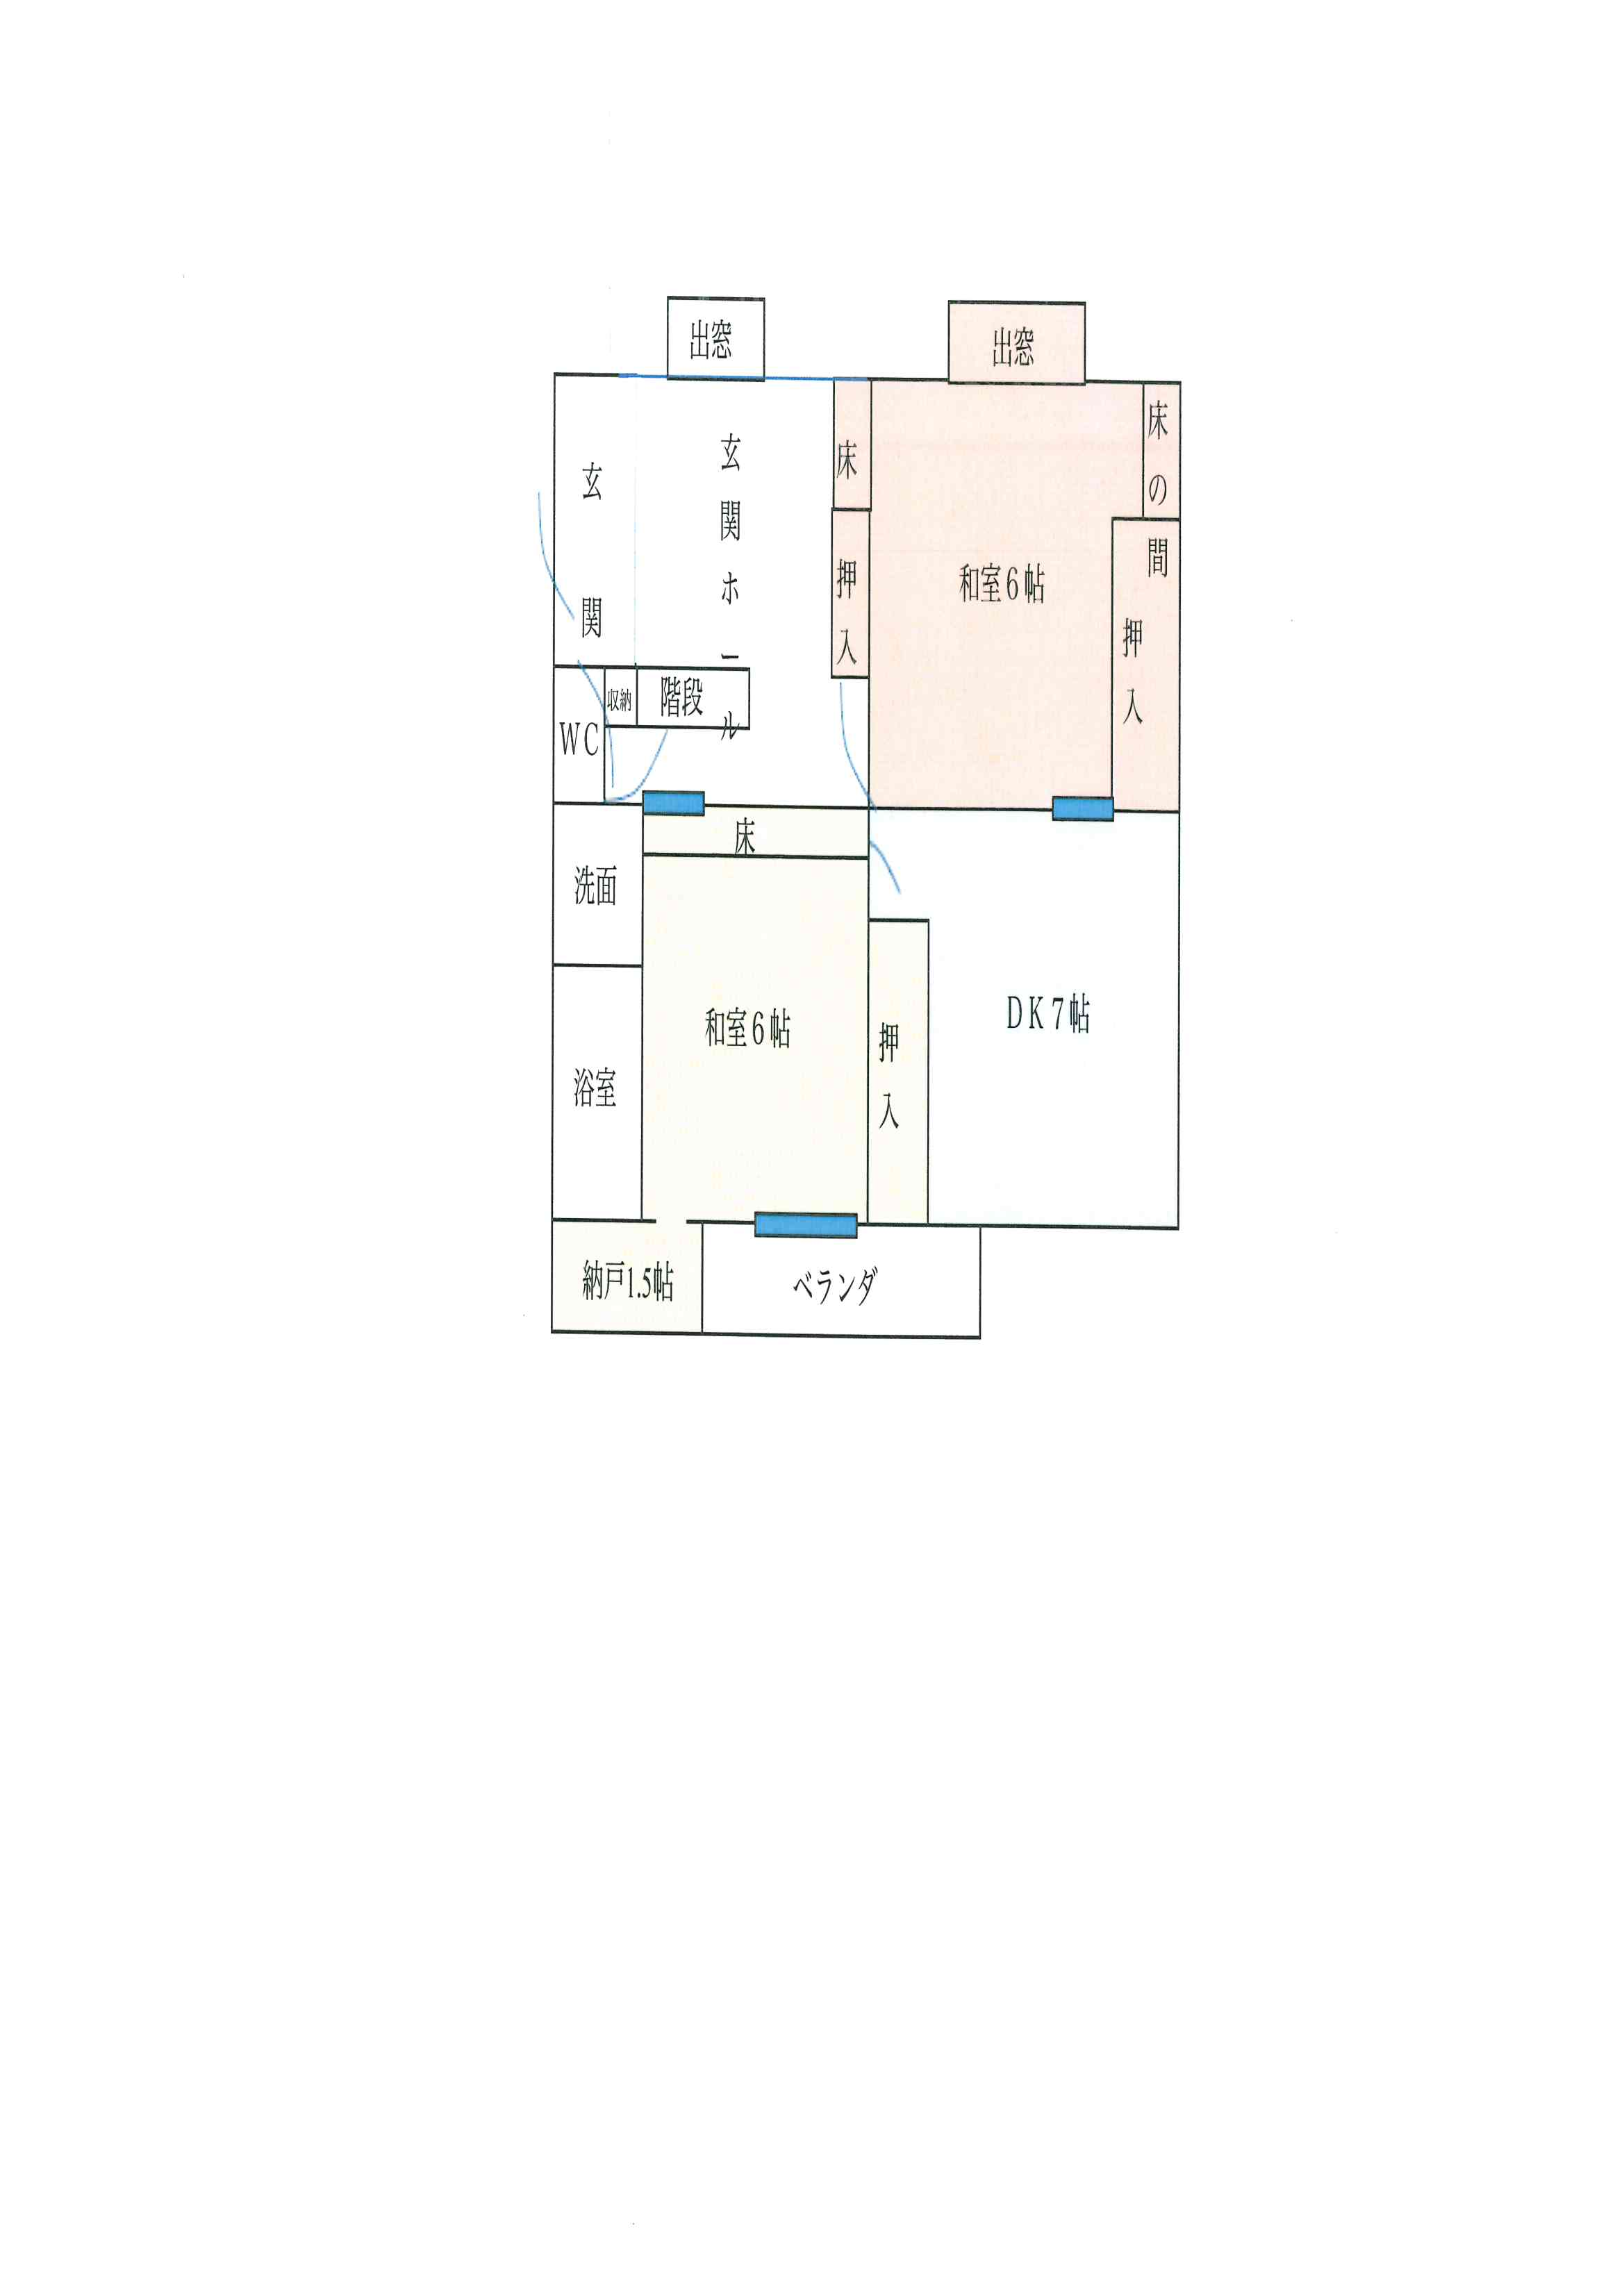 間取り図 1階